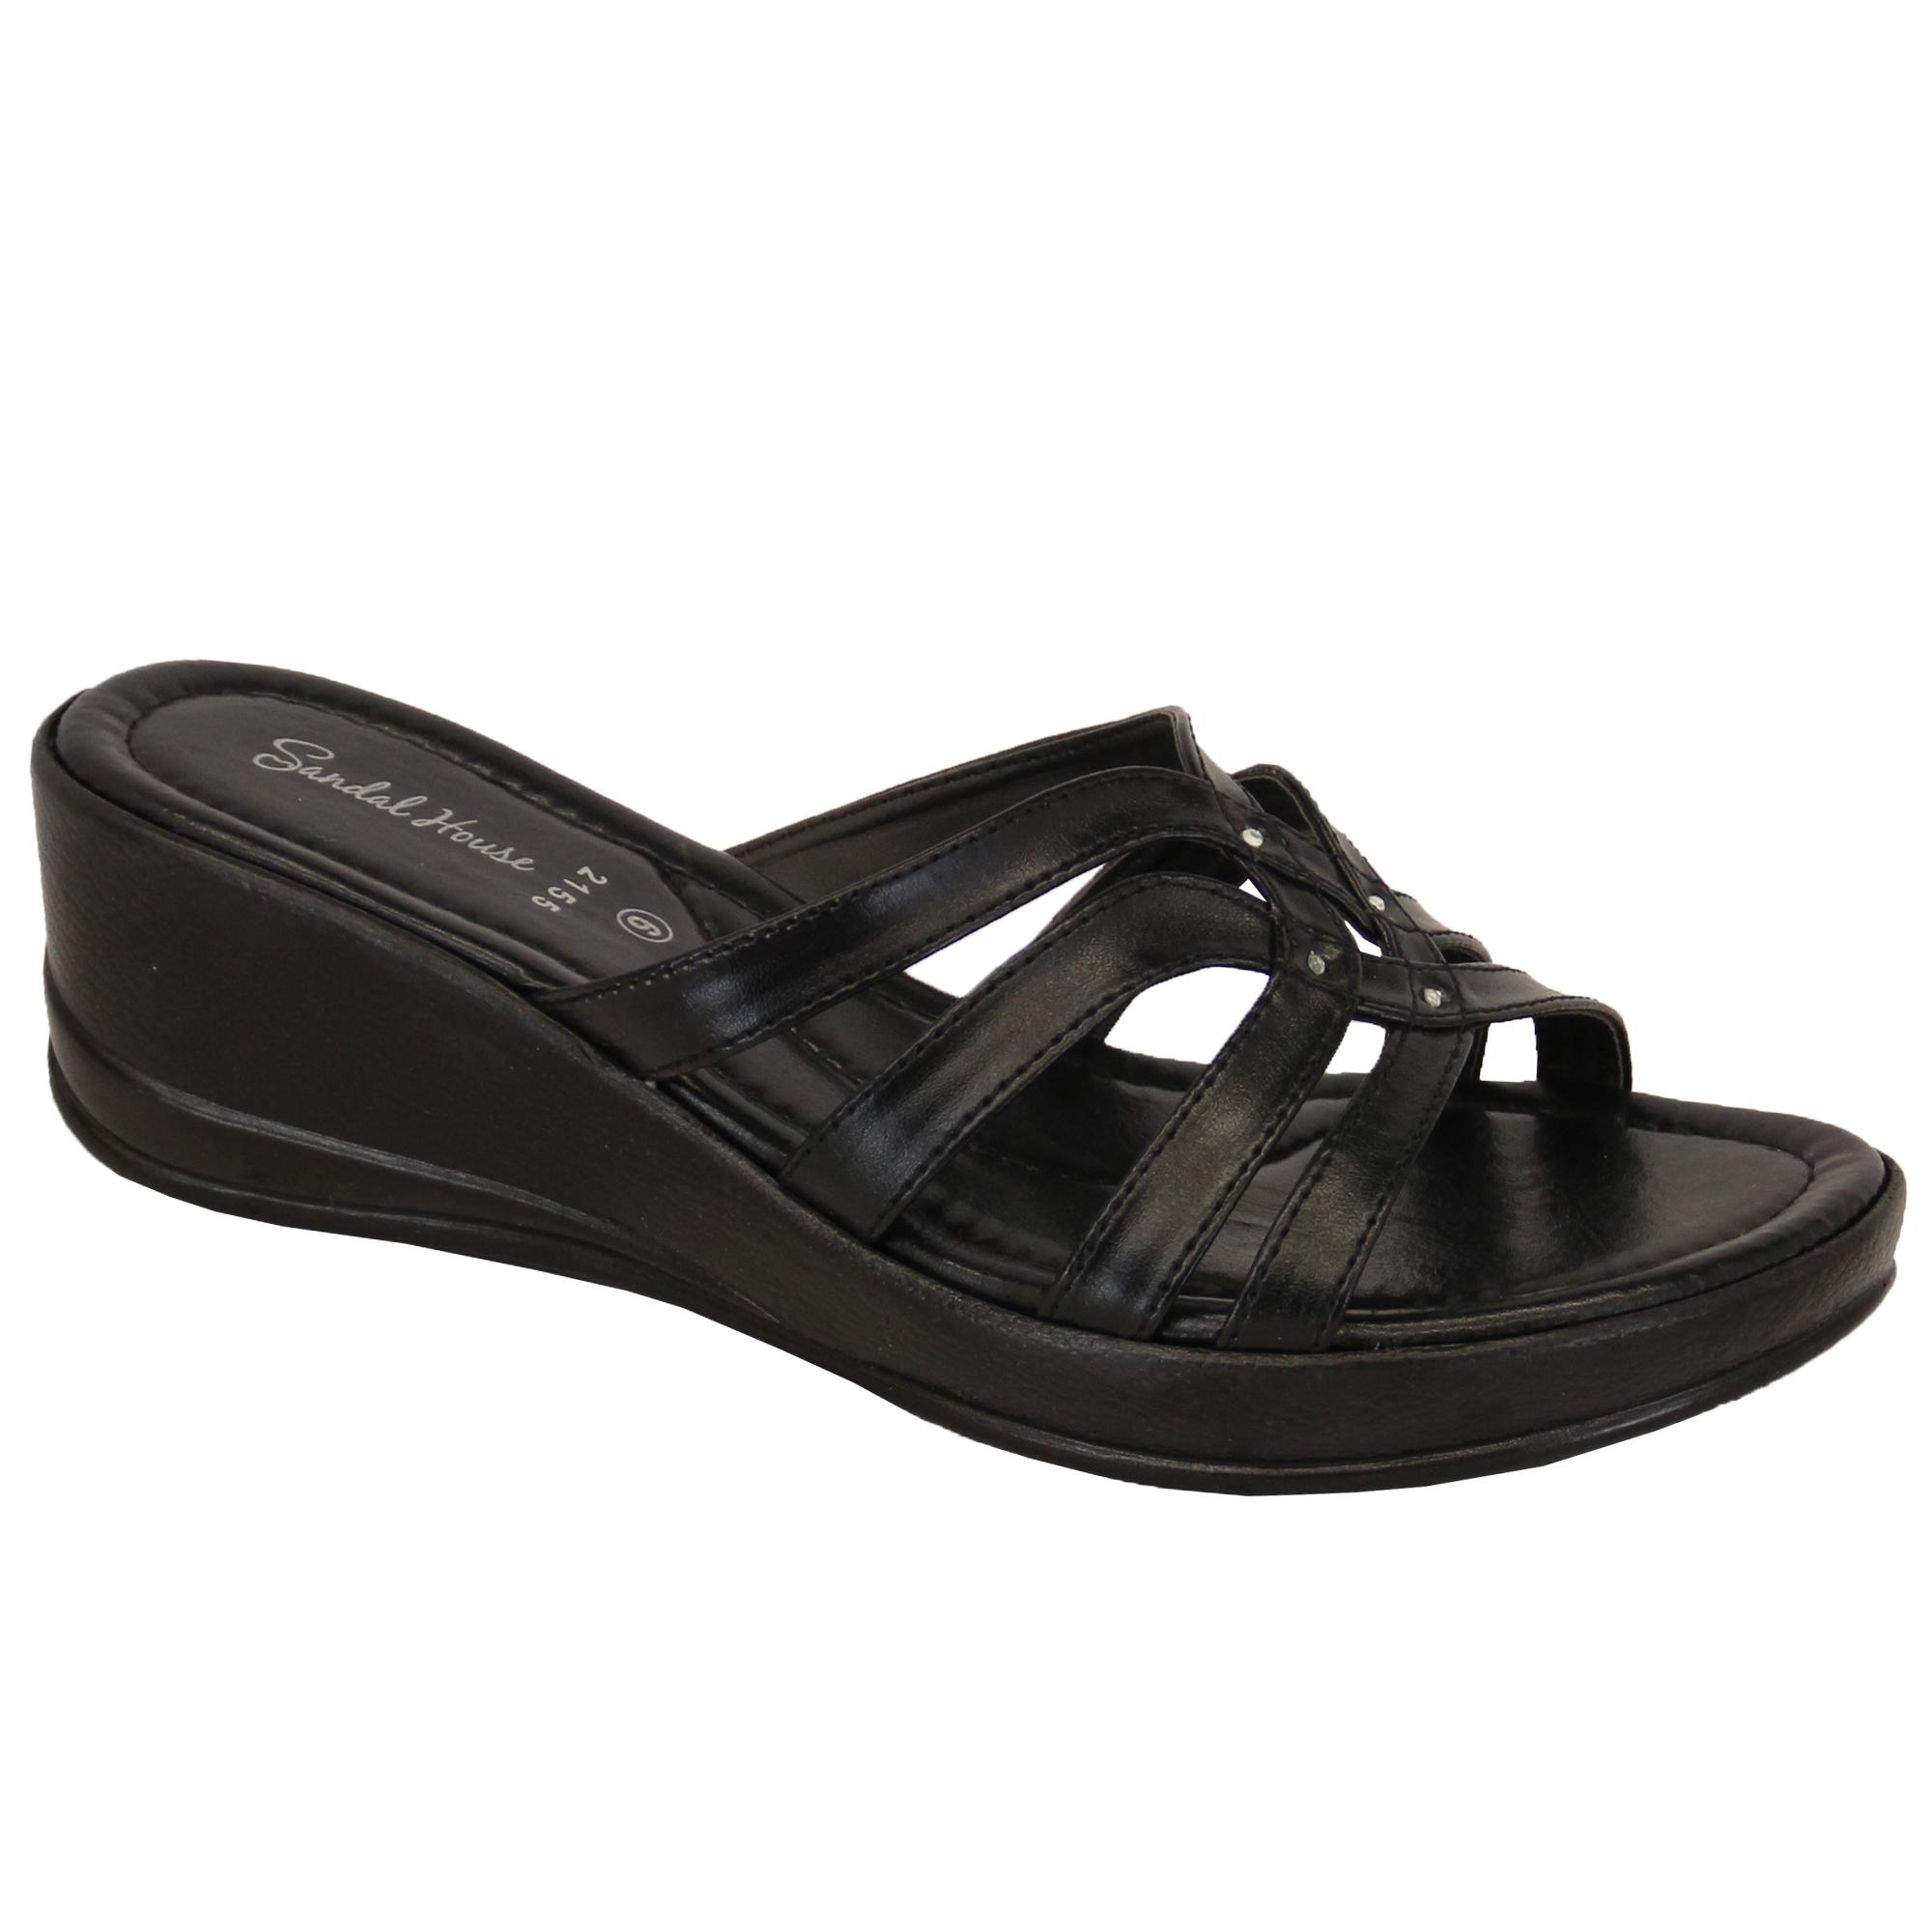 Ladies Womens Slip On Open Toe Wedge Heel Slippers Shoes